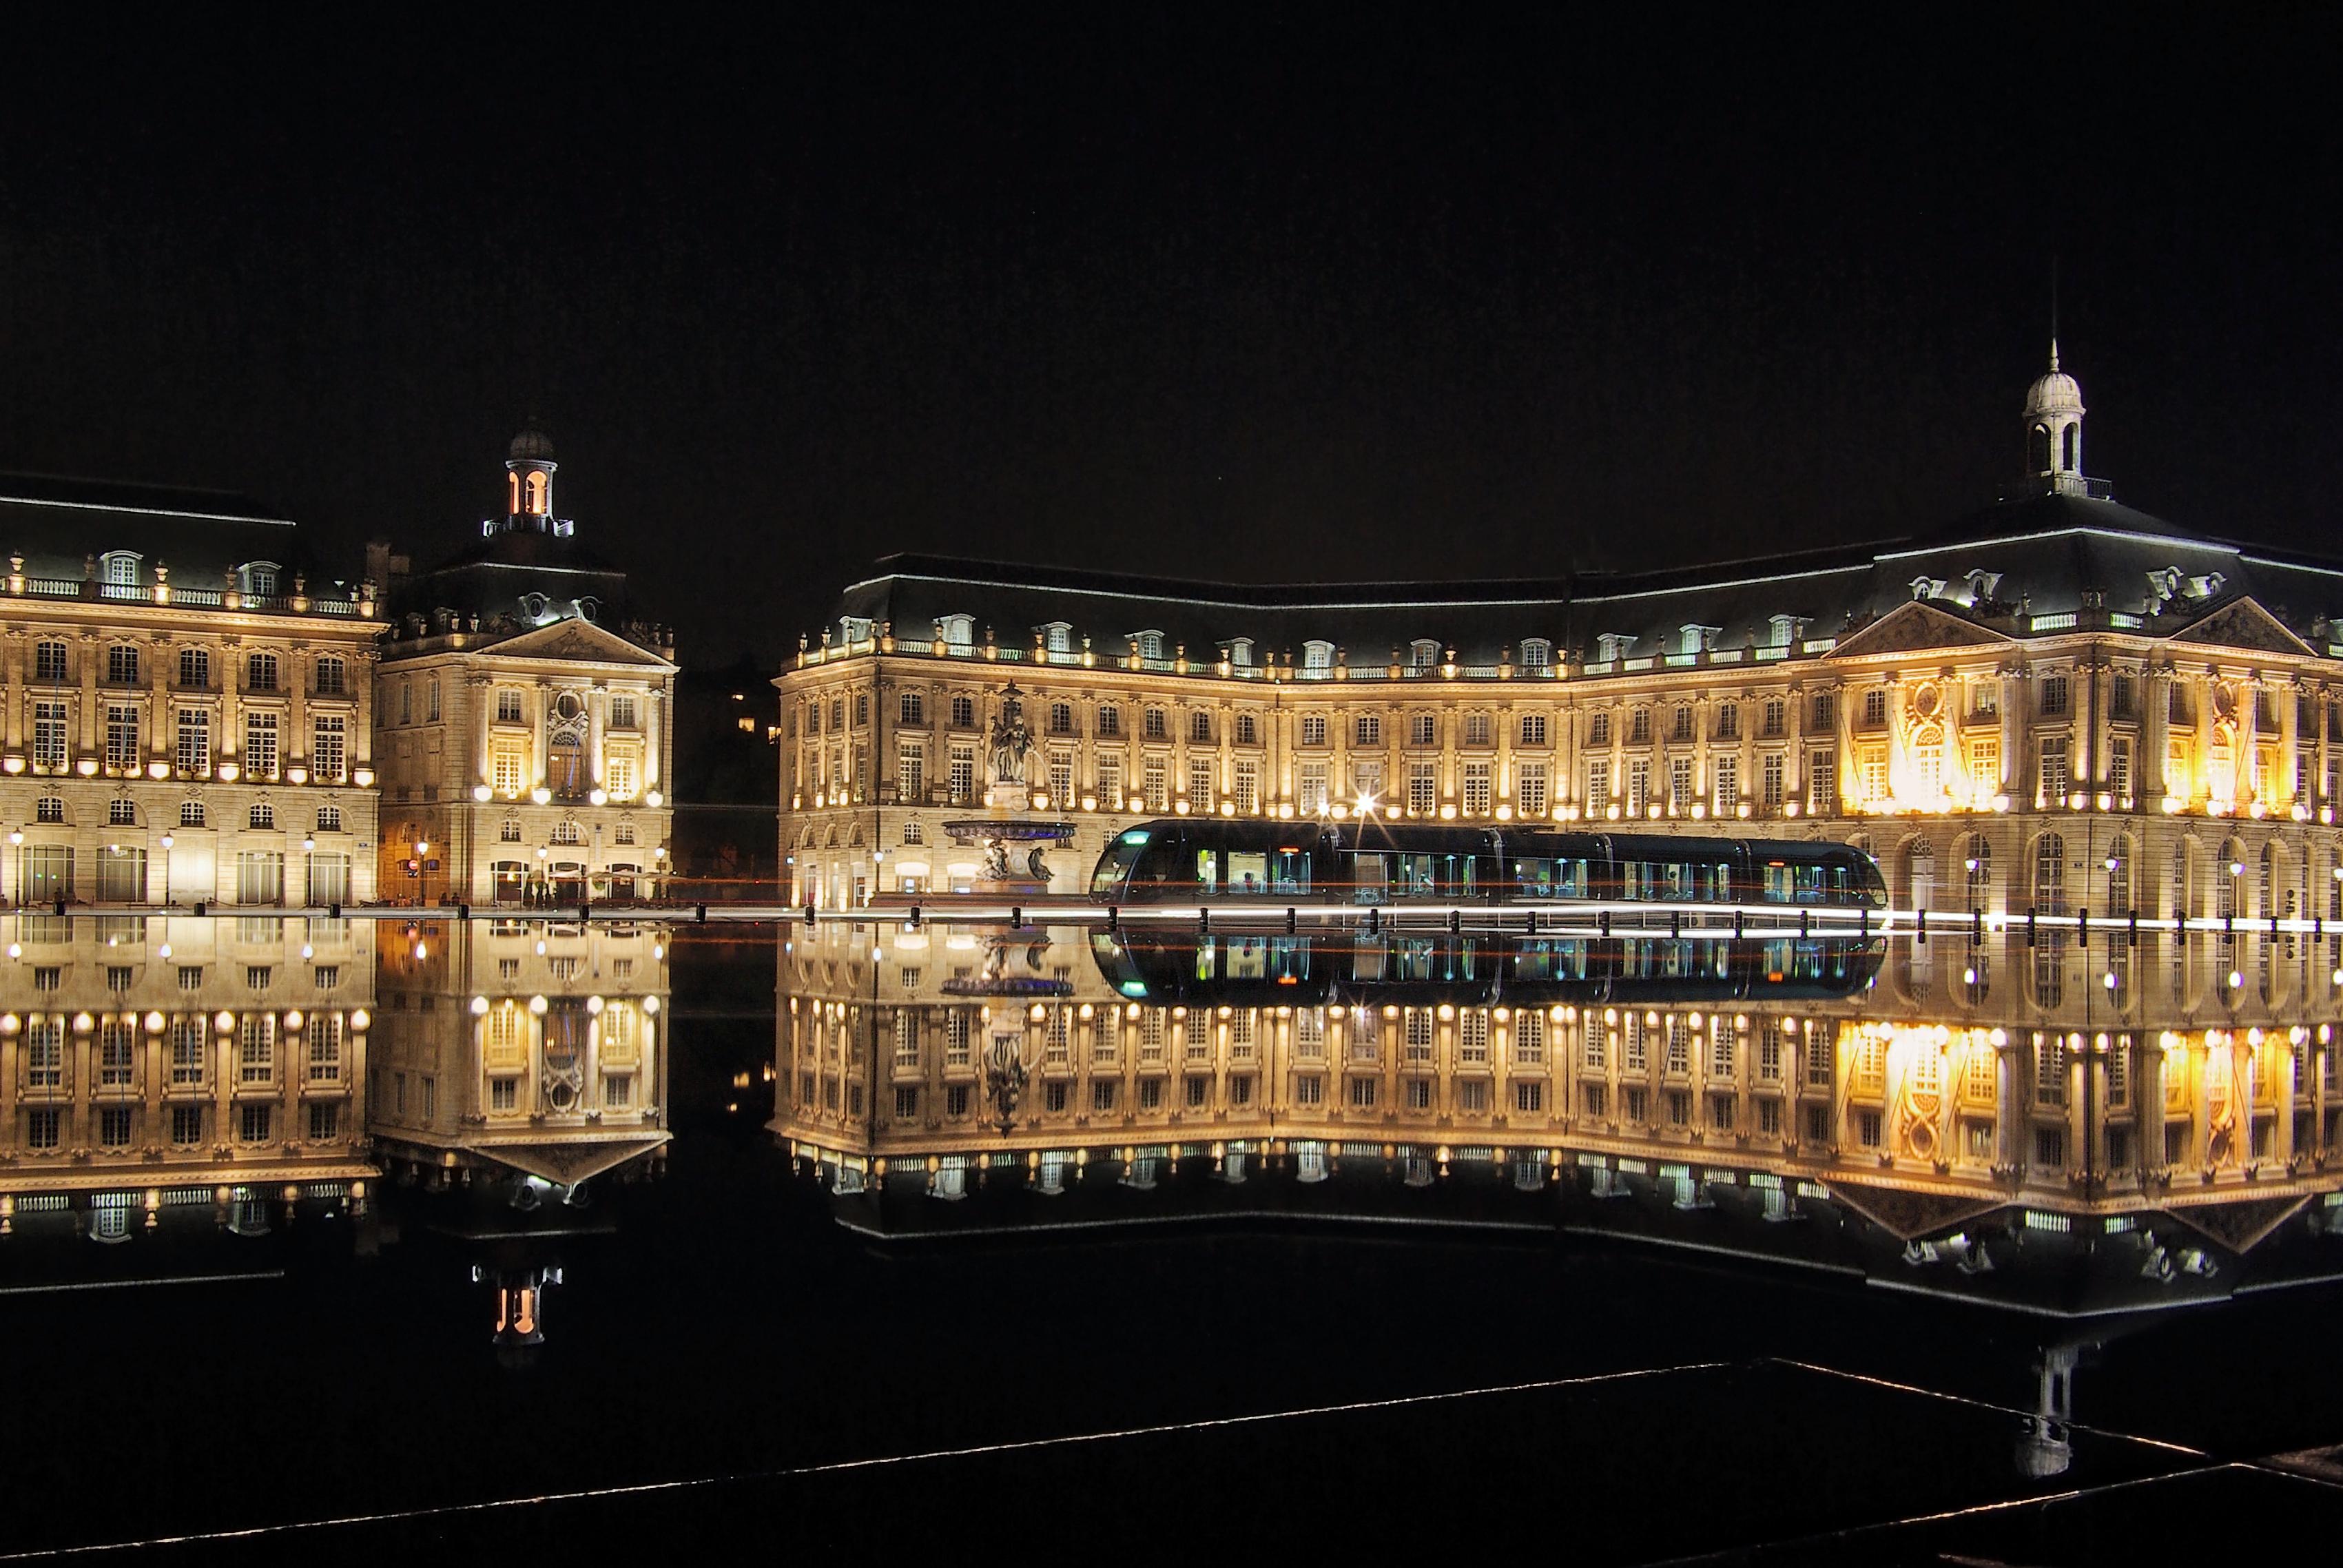 Bordeaux Hd Background